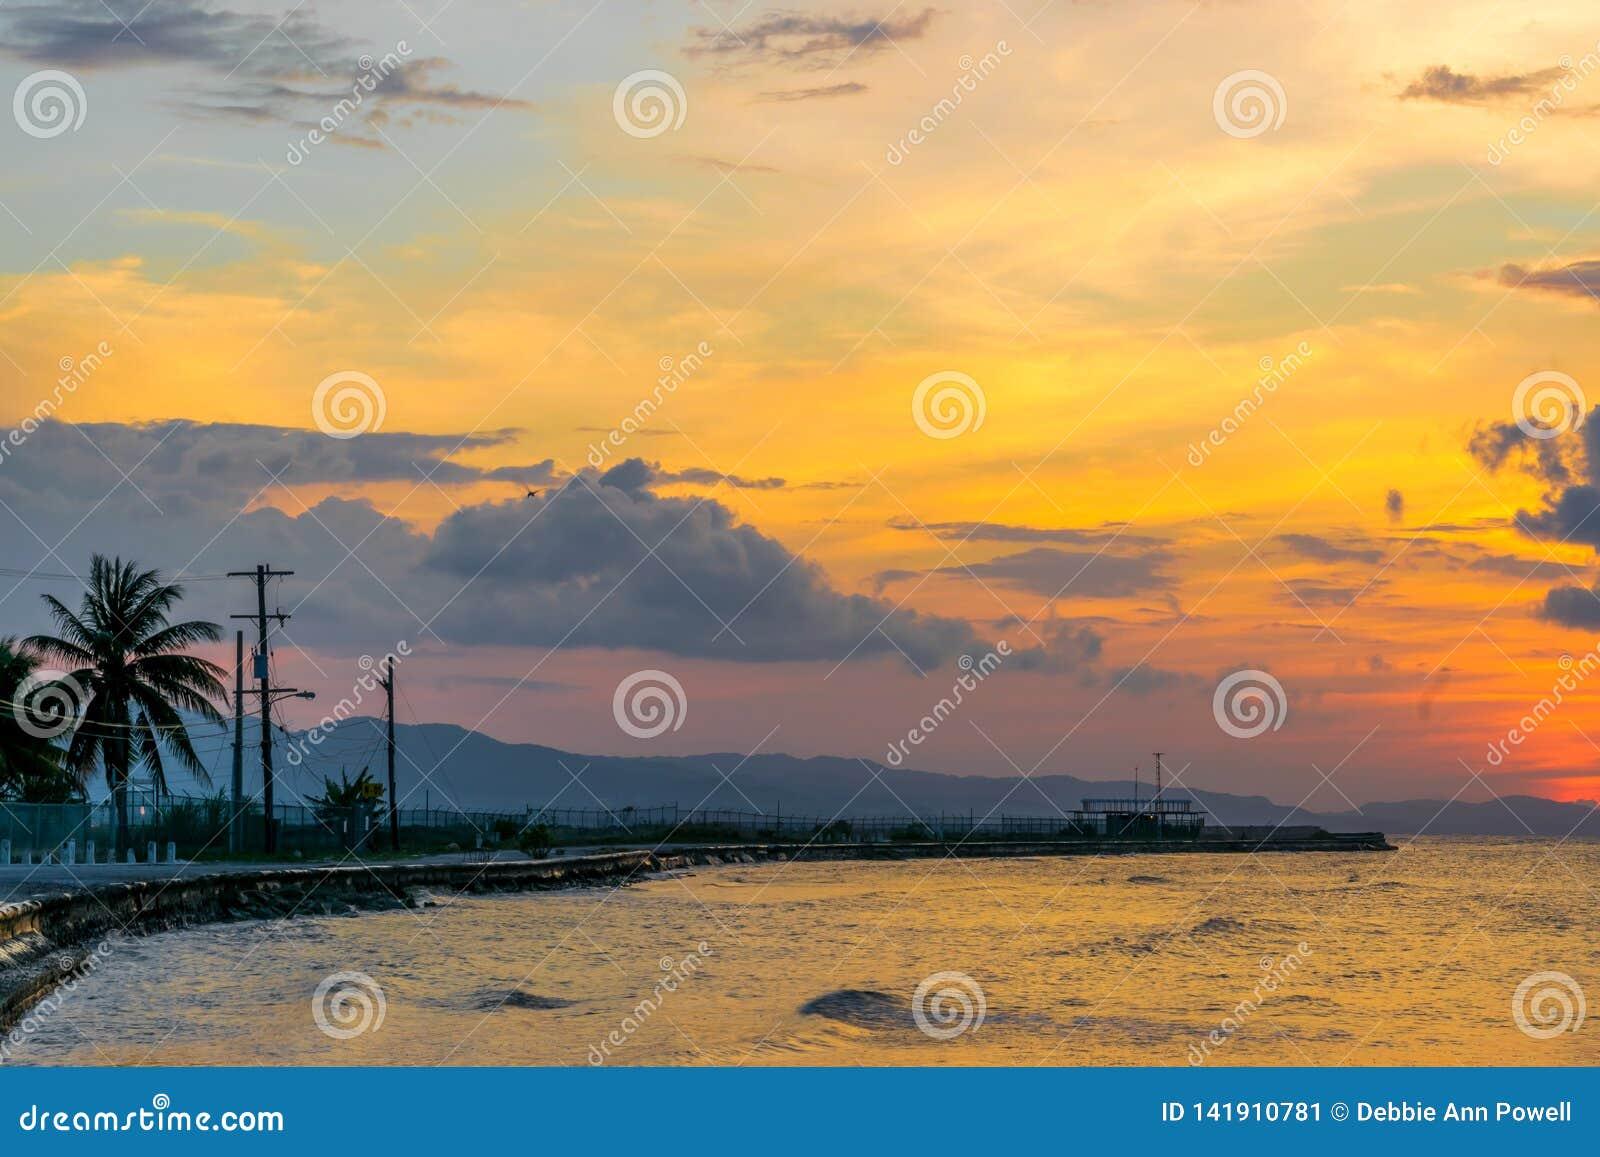 Puesta del sol colorida vibrante en Montego Bay, Jamaica